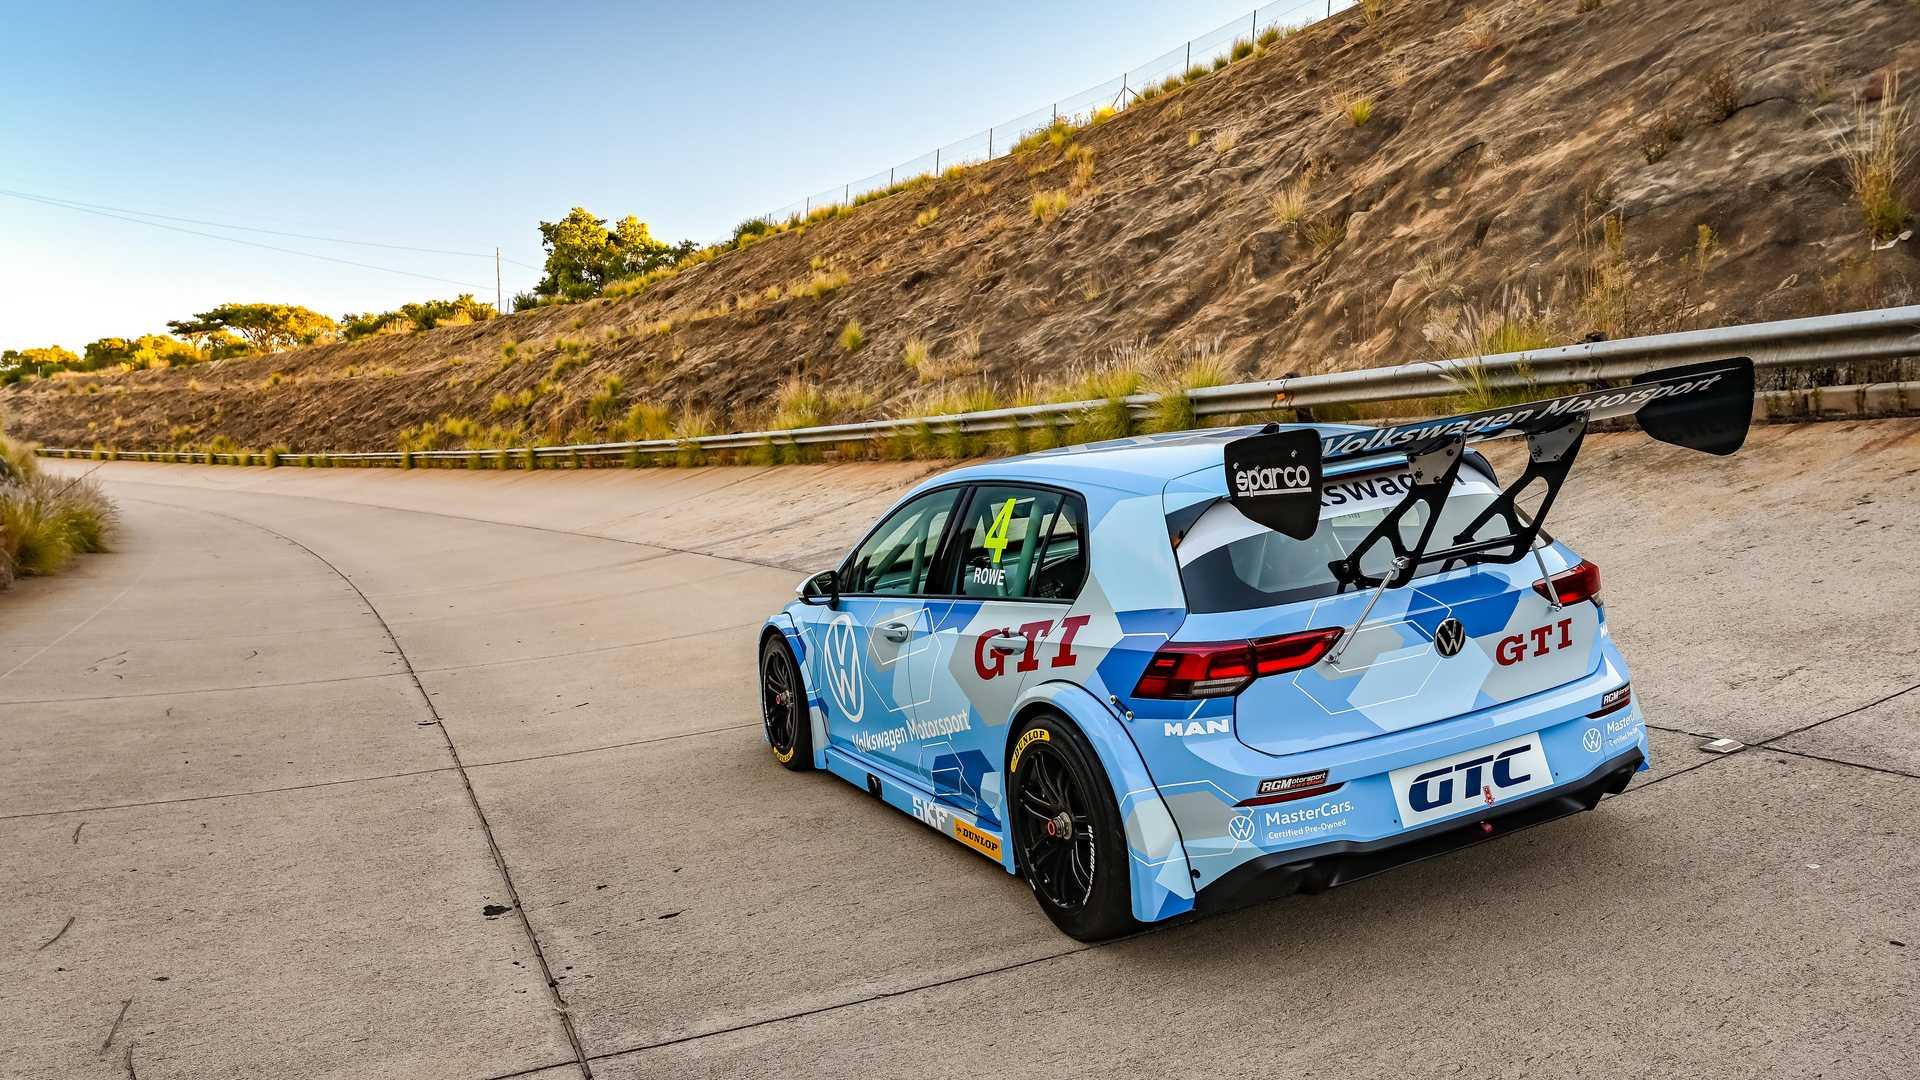 Volkswagen-GTI-GTC-Race-Car-4